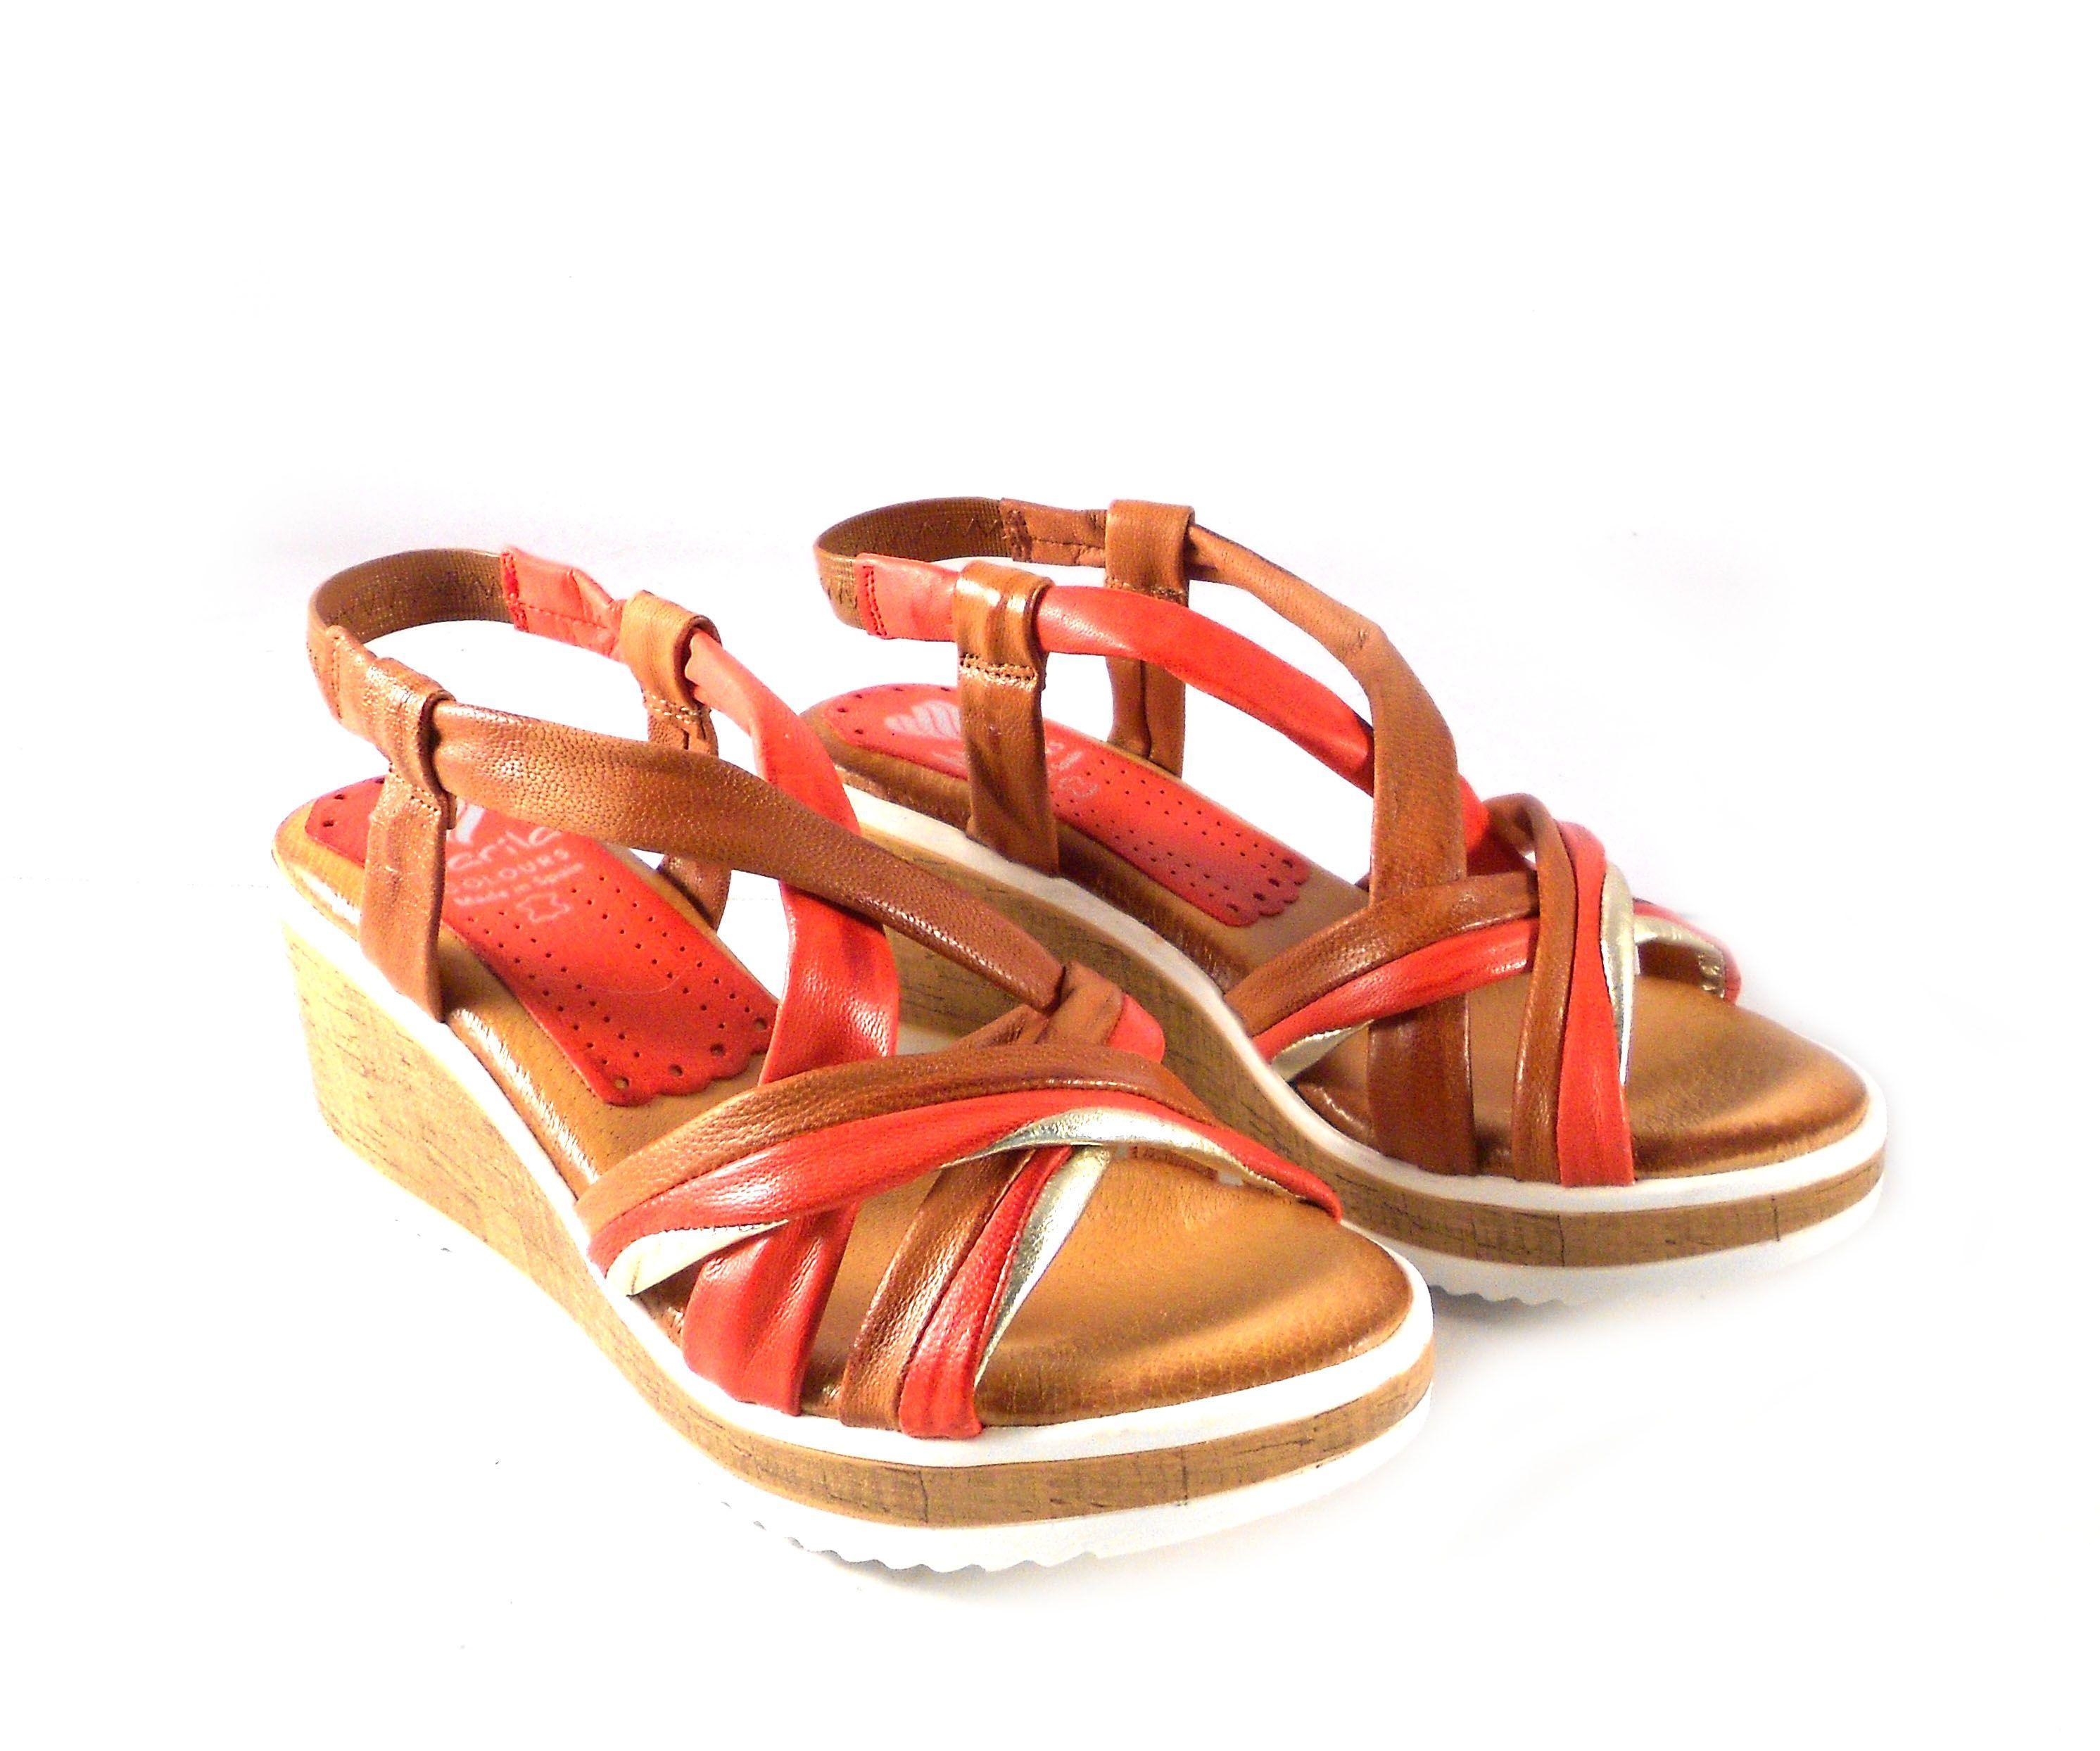 600dd216127 Sandalias de cuña Marila Shoes N315 de tiras cuero y naranja